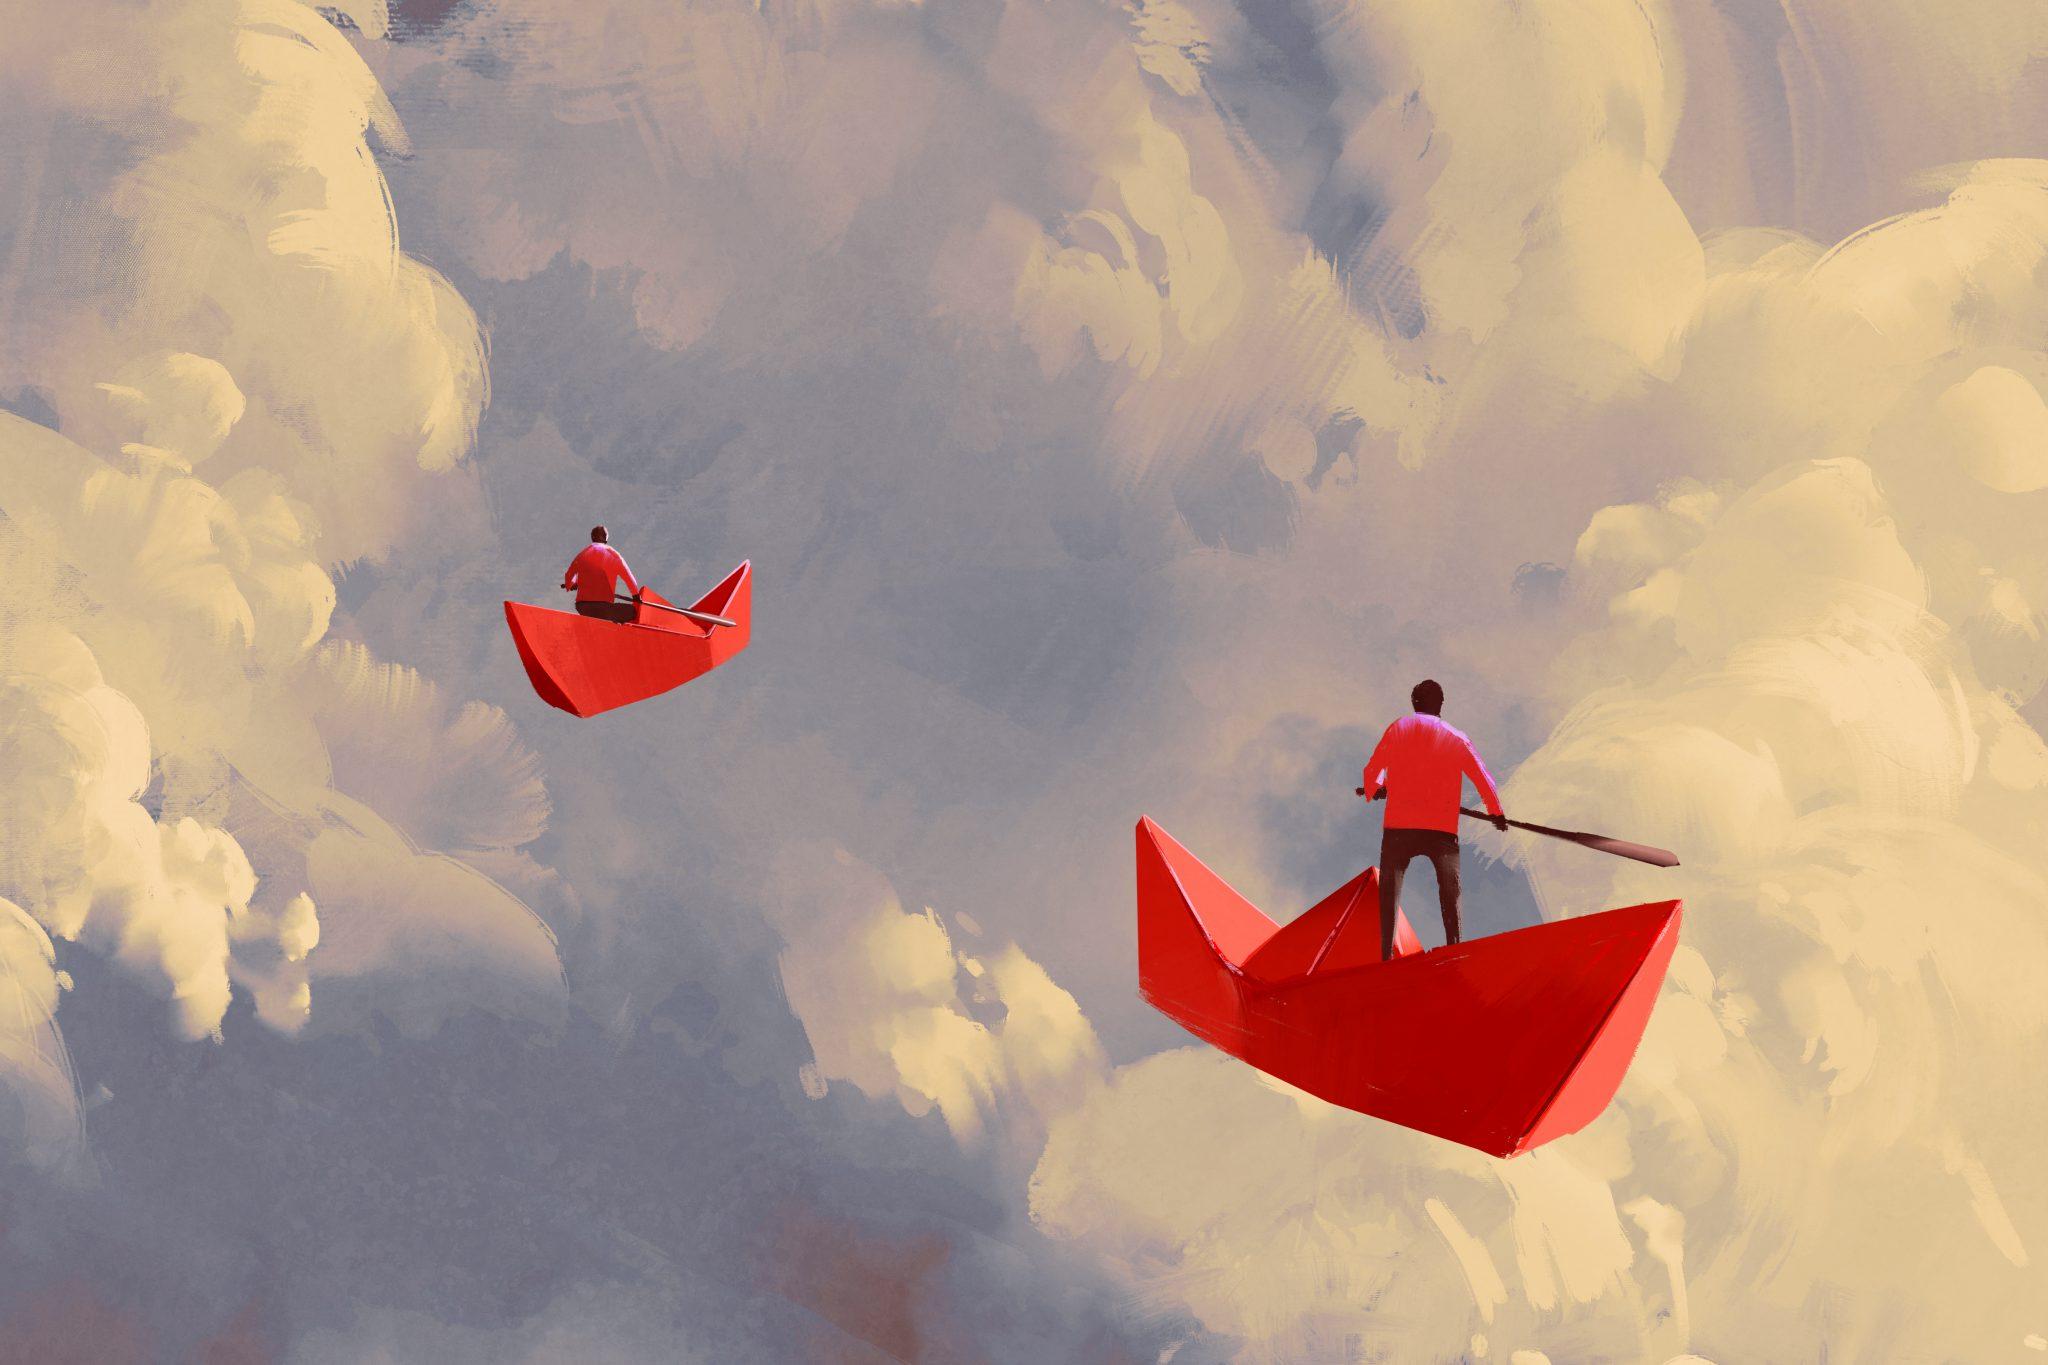 Barche volano nel cielo